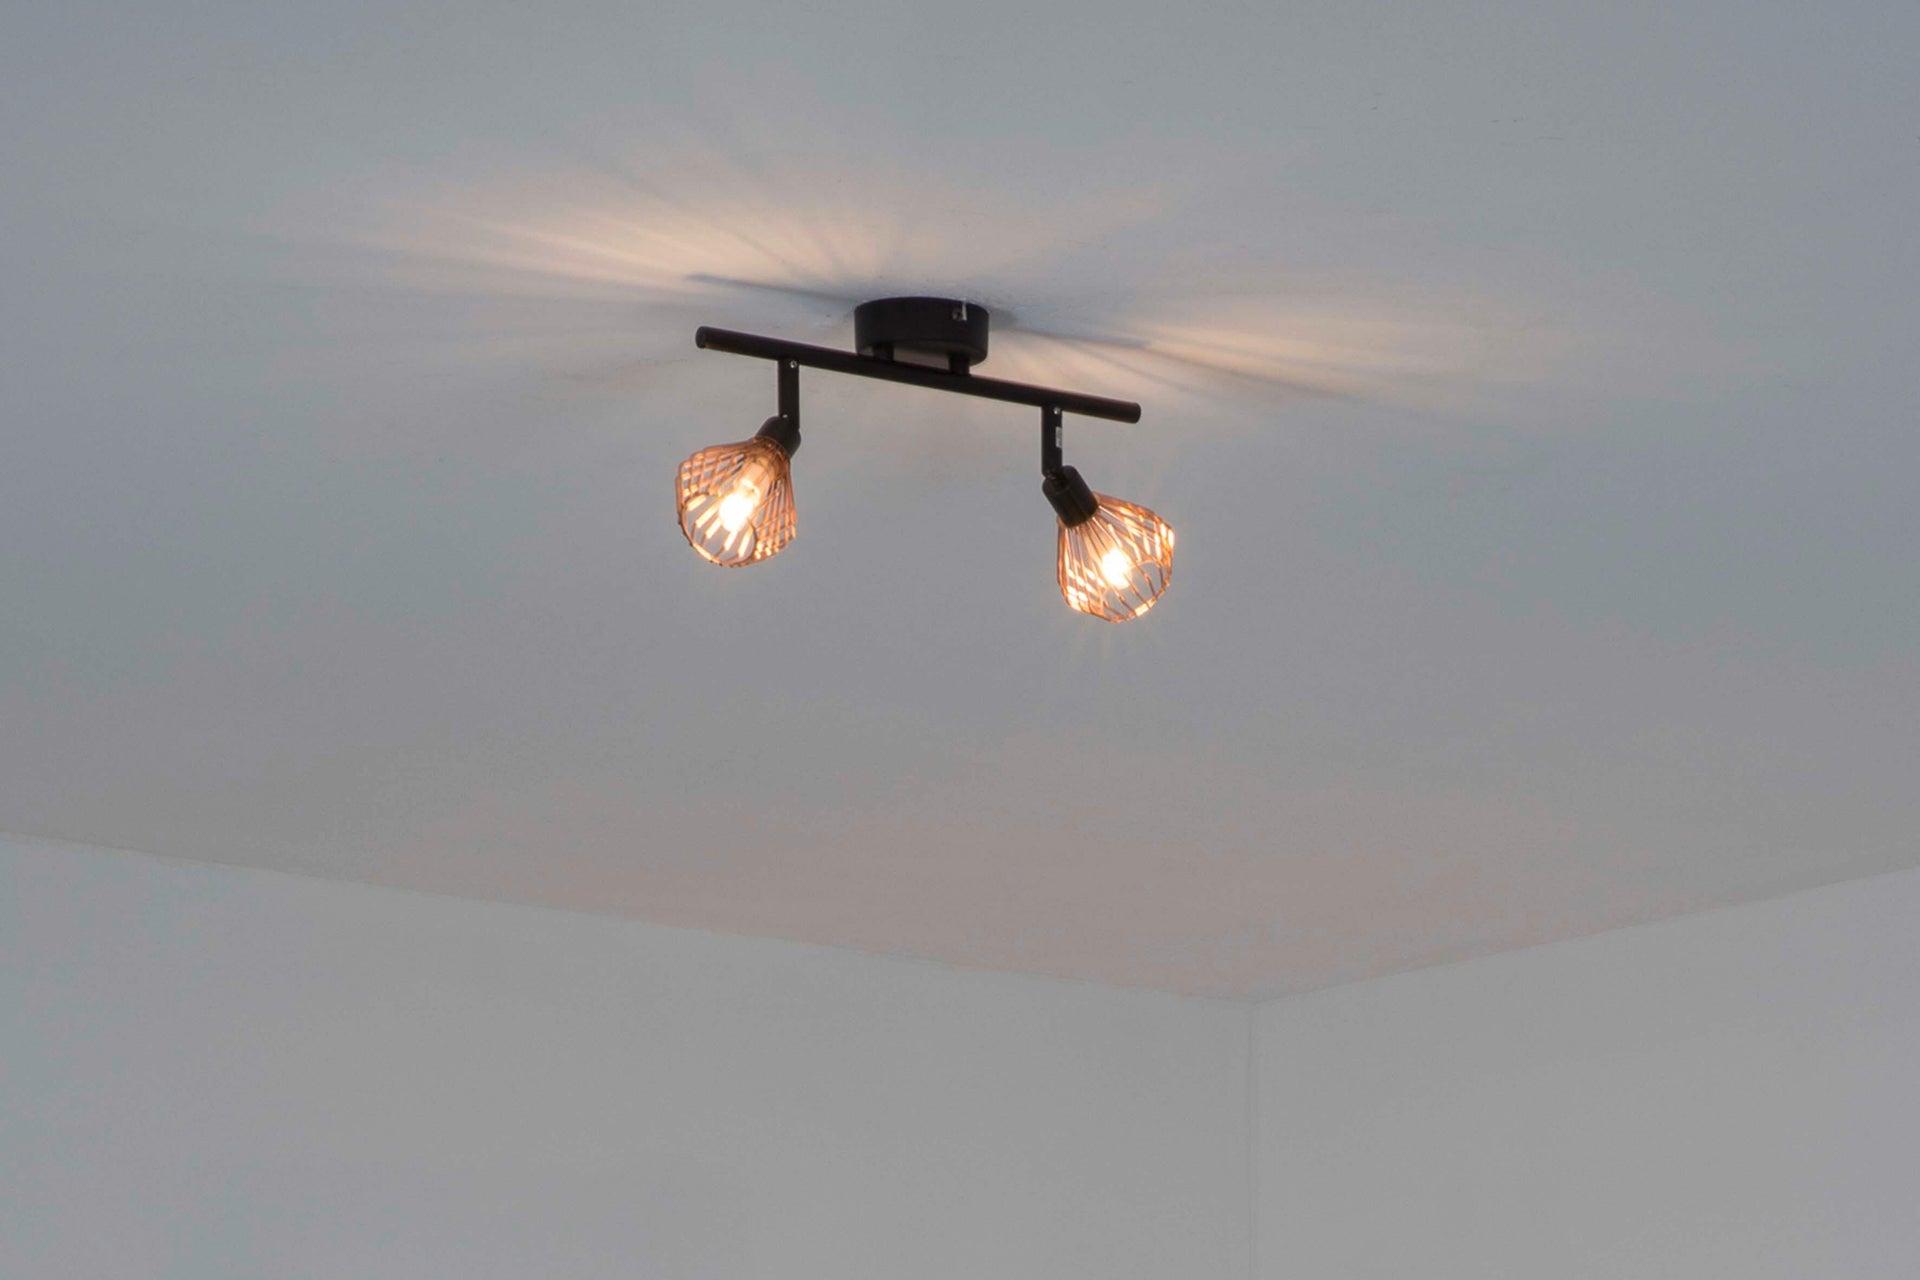 Barra di faretti Dalma rame, nero, in metallo, G9 2x33W IP20 BRILLIANT - 5